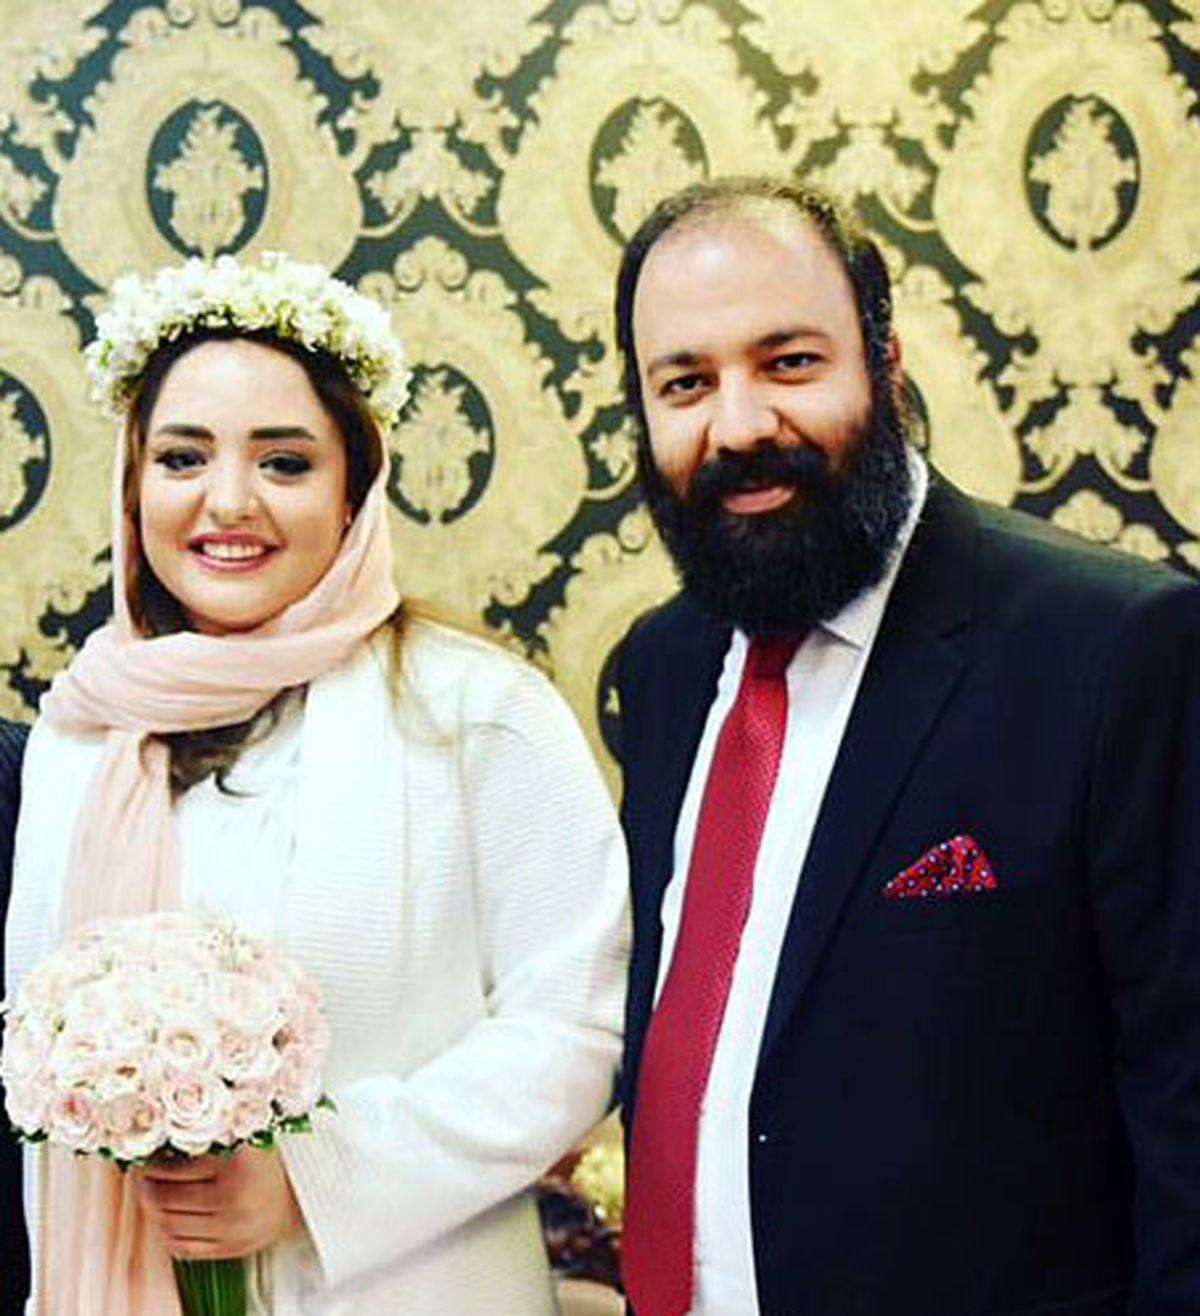 سالگرد ازدواج بازیگر سریال ستایش | خواستگاری از نرگس محمدی در حرم امام رضا